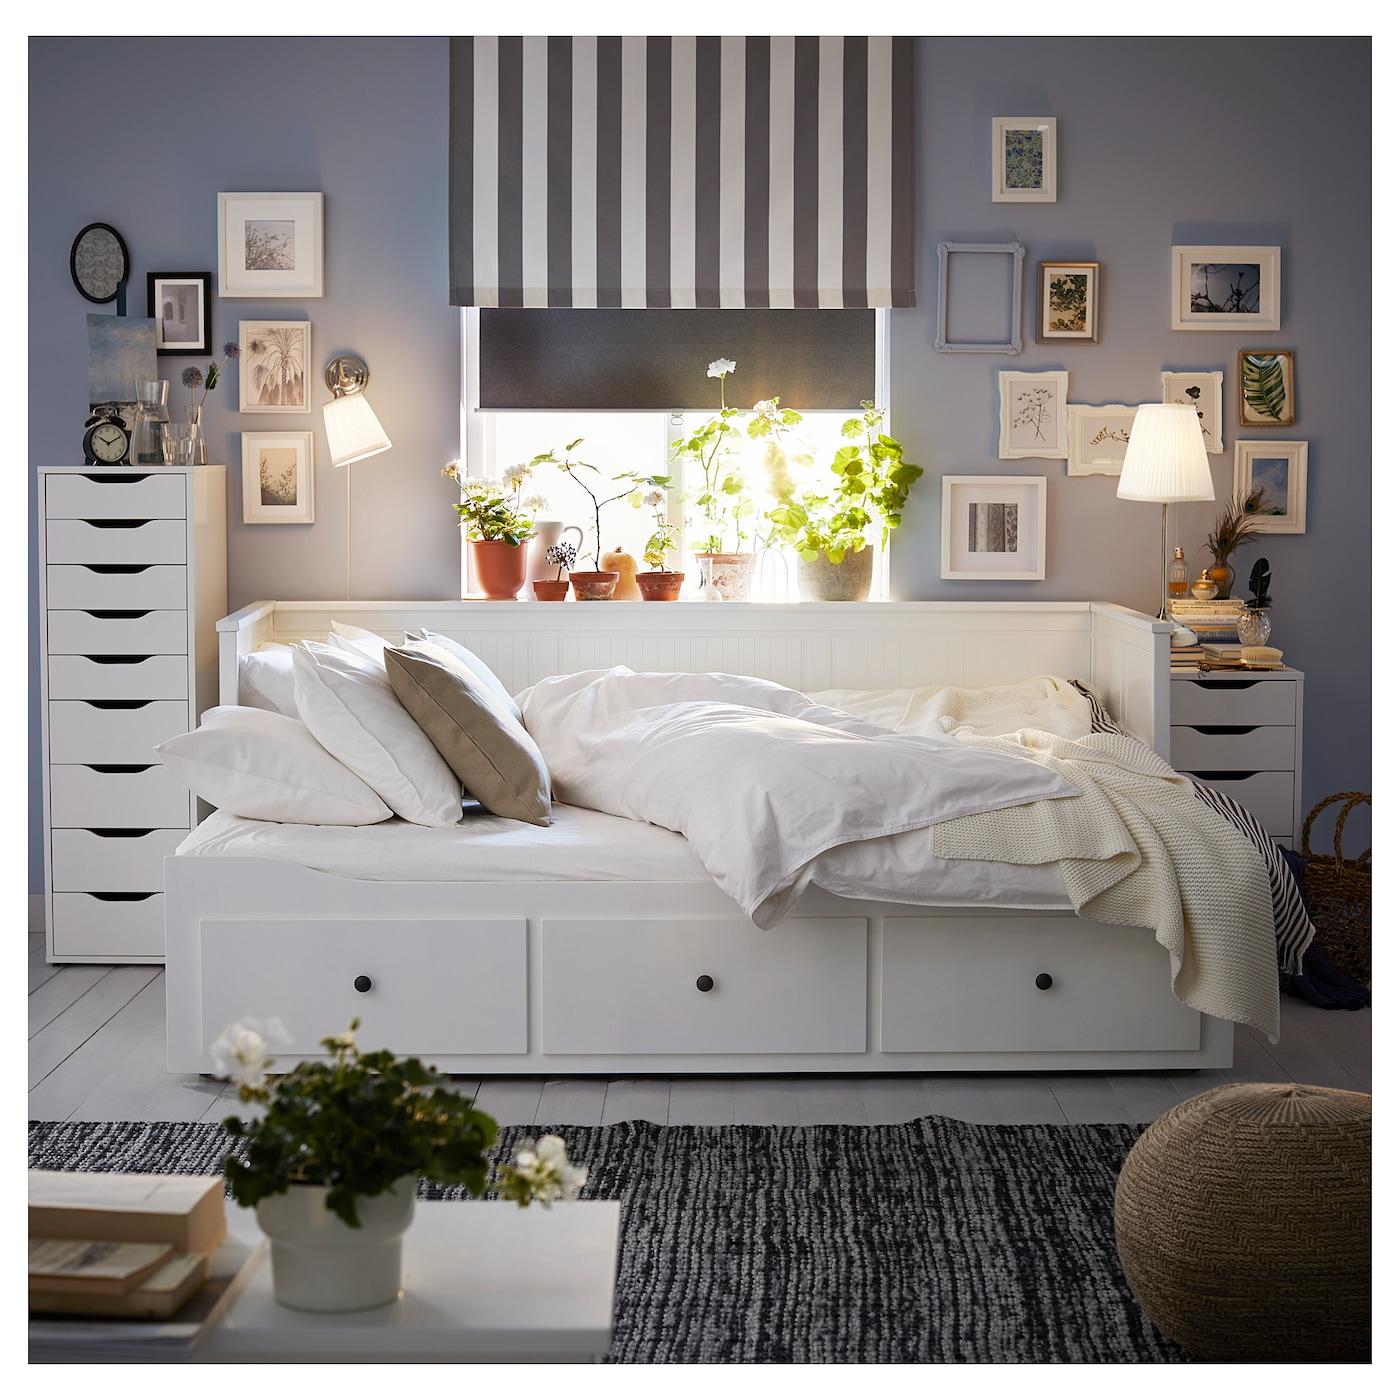 Ikea Hemnes Bedbank.Hemnes Bedbank Met 3 Lades Wit 80x200 Cm Ikea